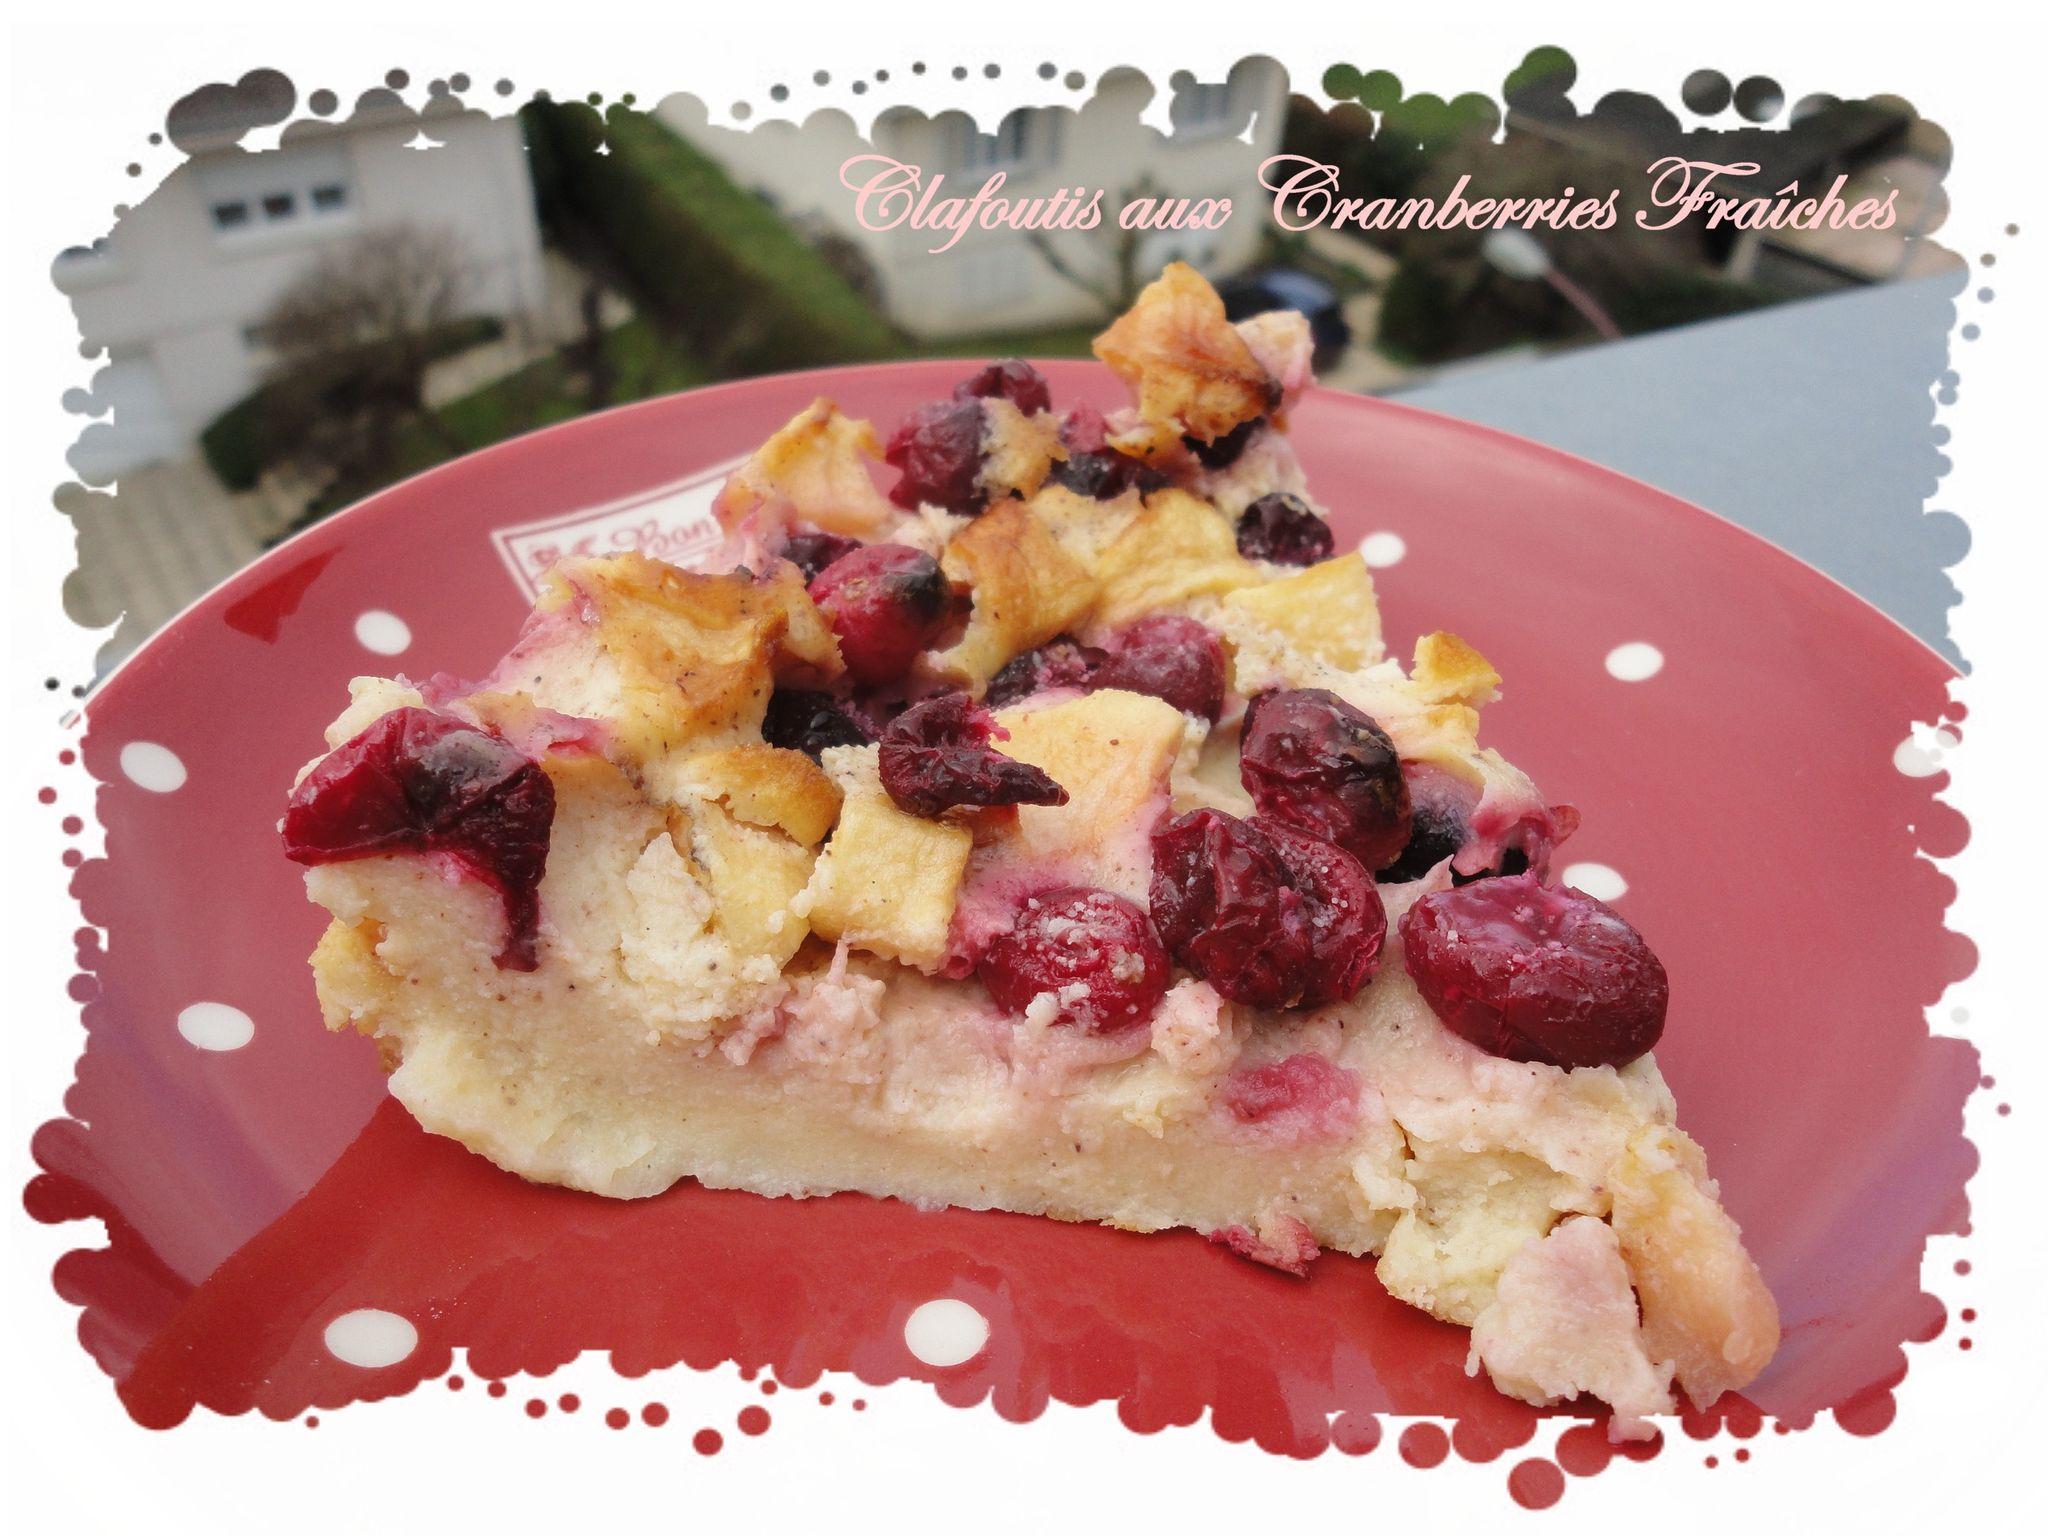 clafoutis aux cranberries fraiches